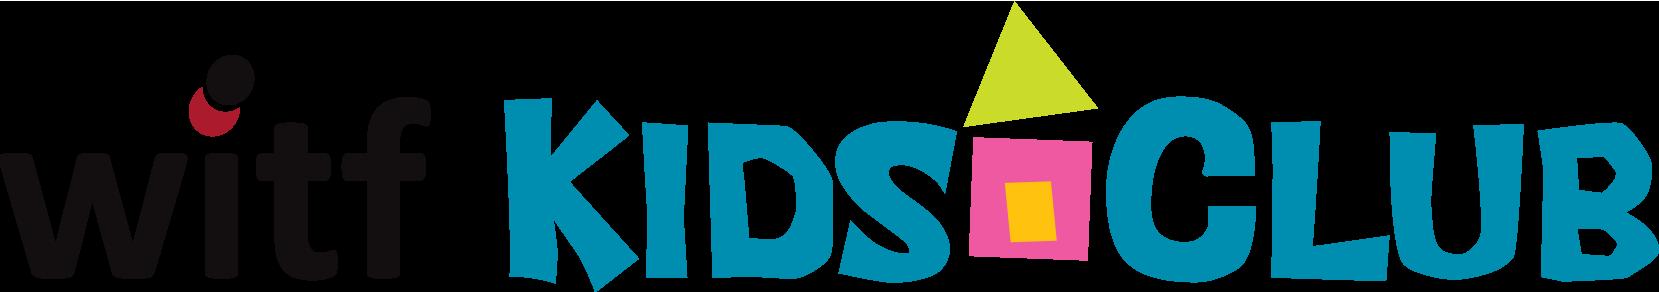 WITF Kids Club